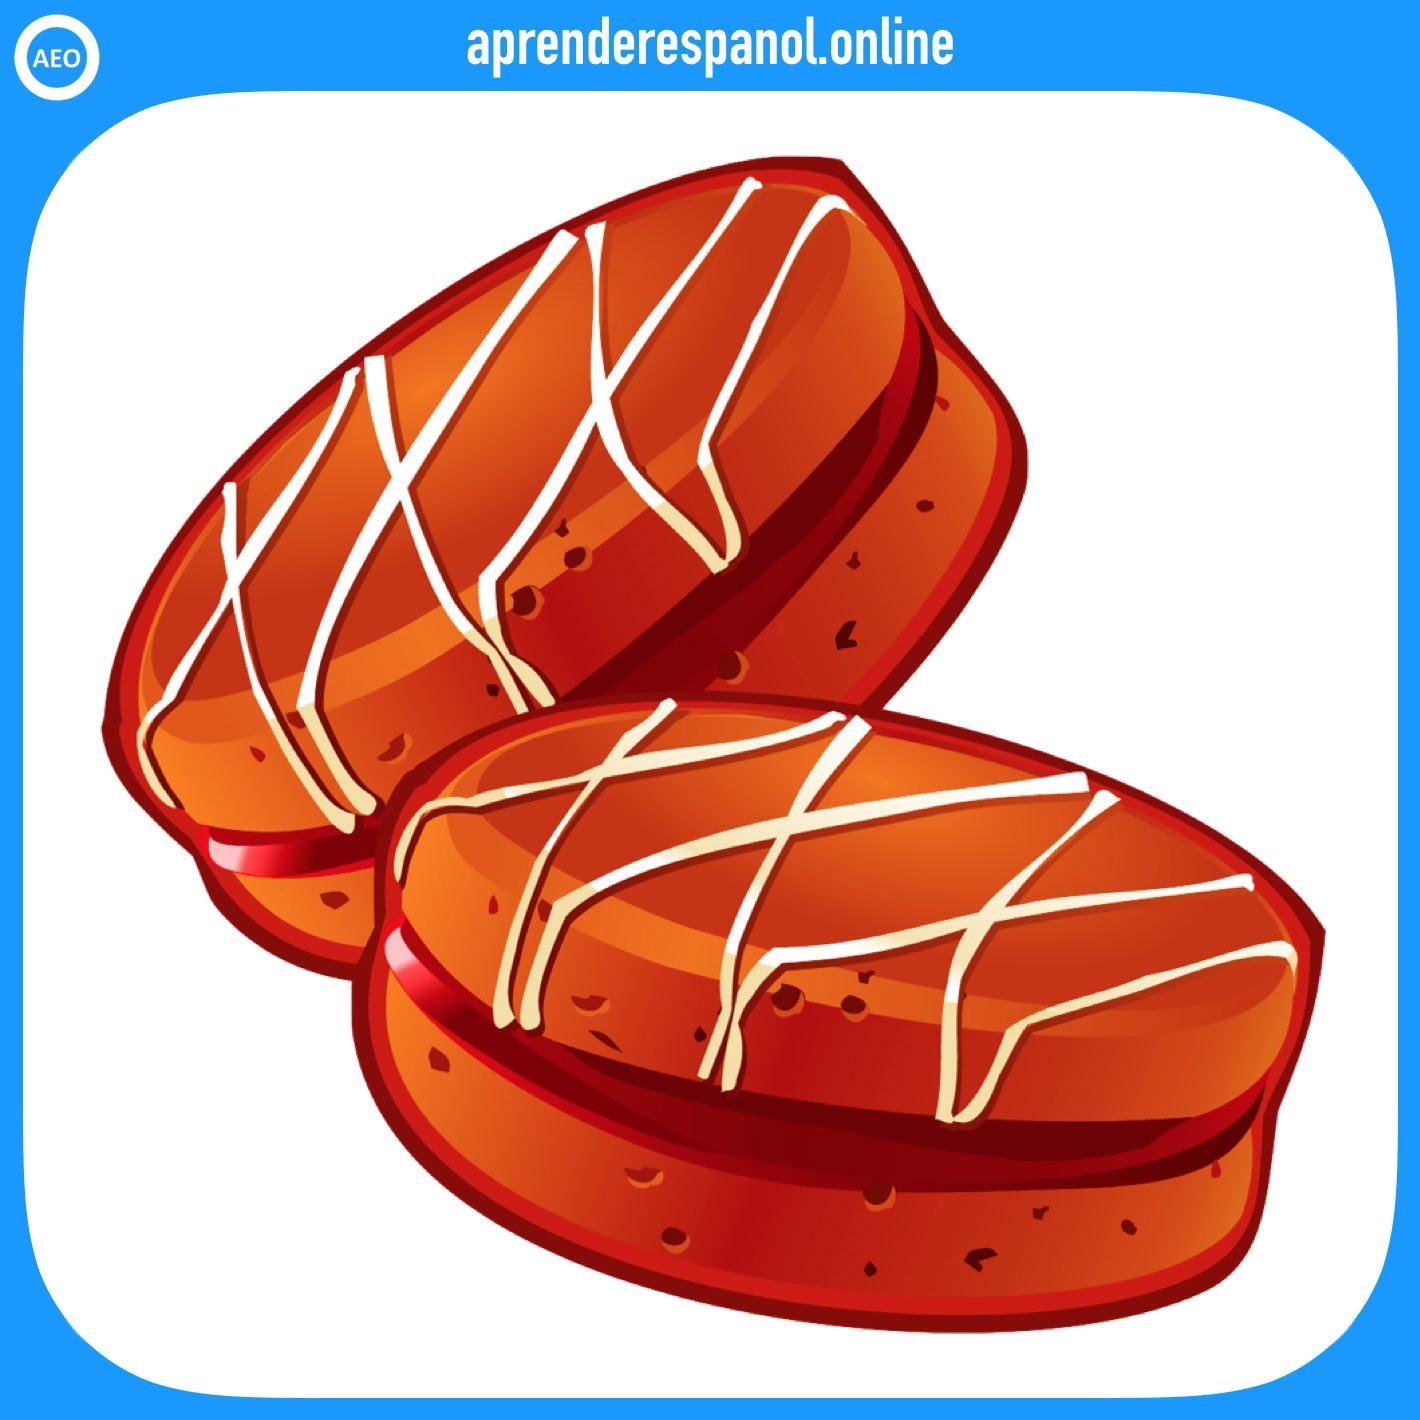 alfajor   postres y dulces en español   vocabulario de los postres en español